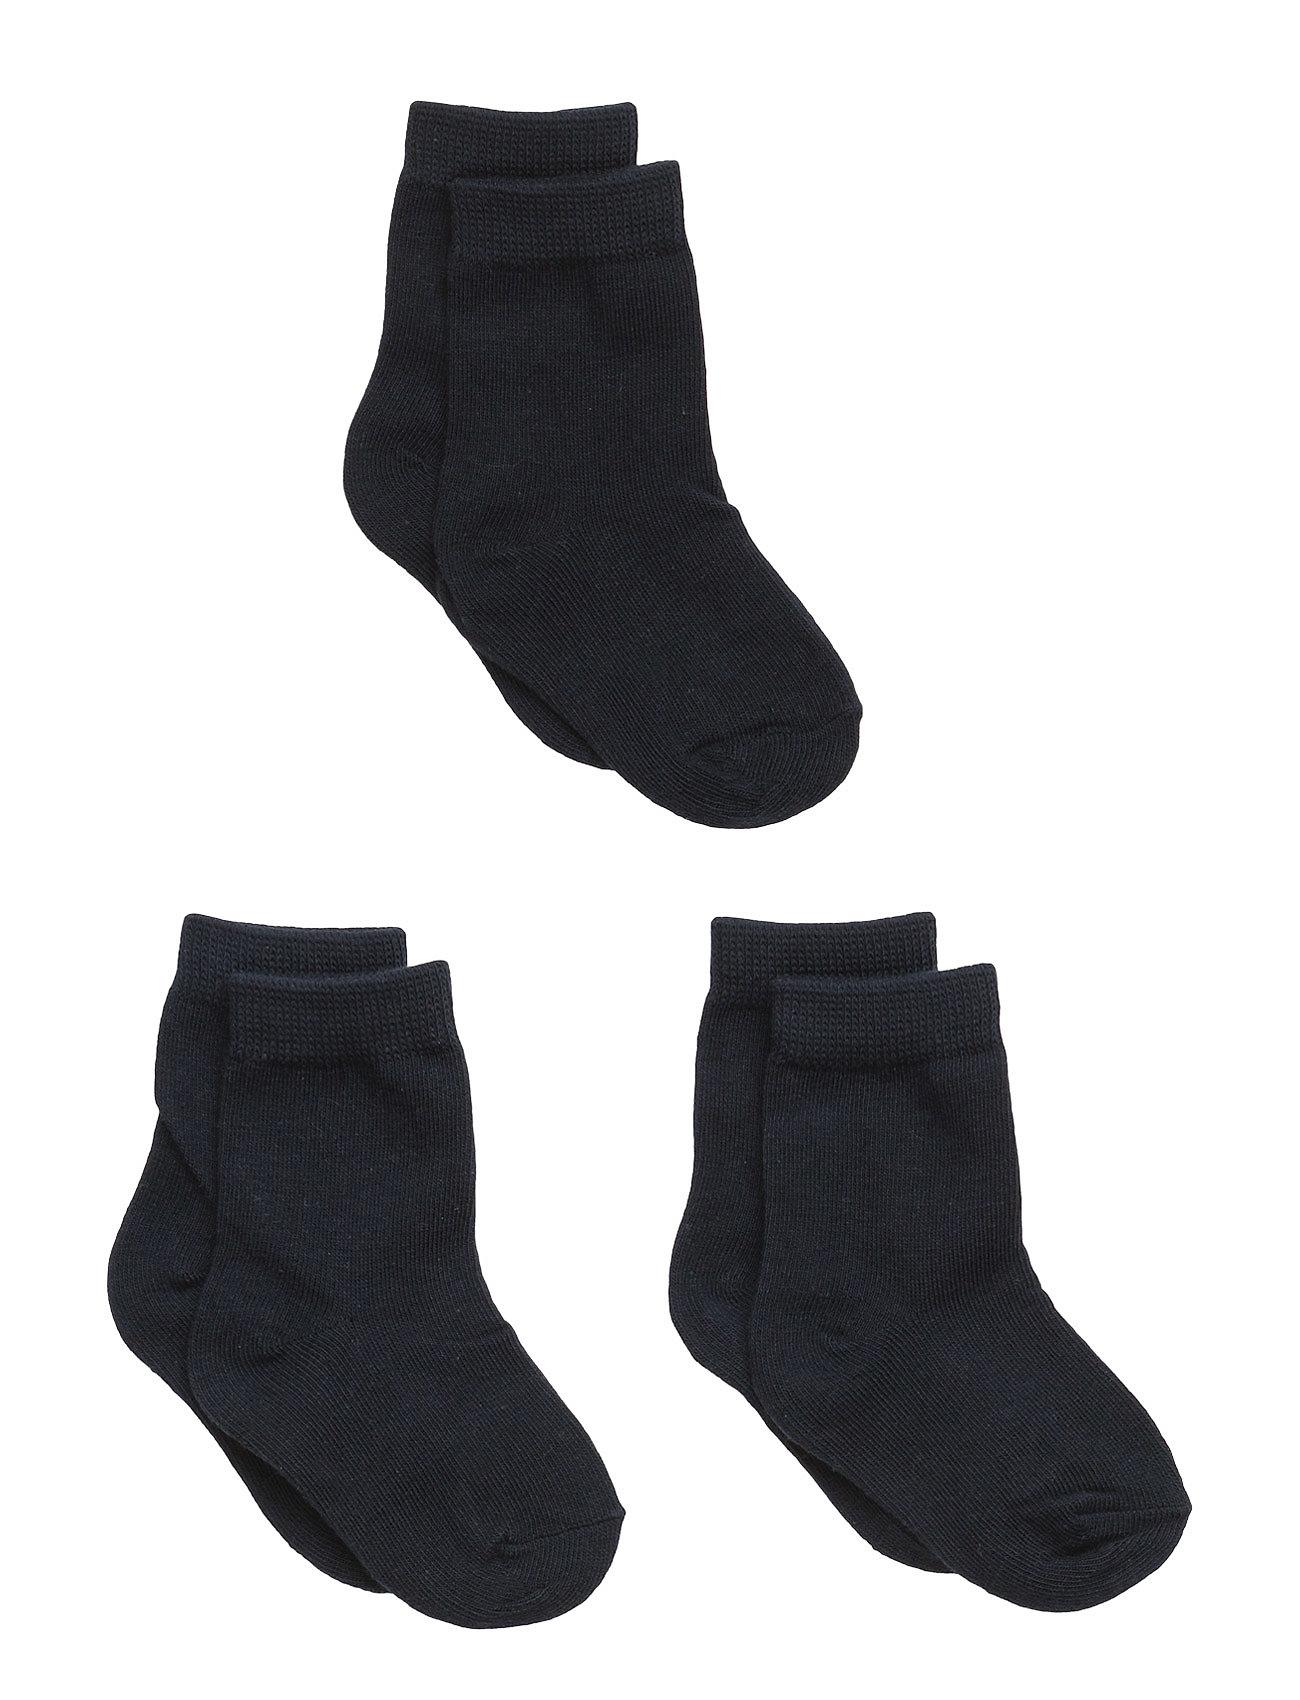 Numbers 3-Pack Socks - Single Col Melton Nat & Undertøj til Børn i